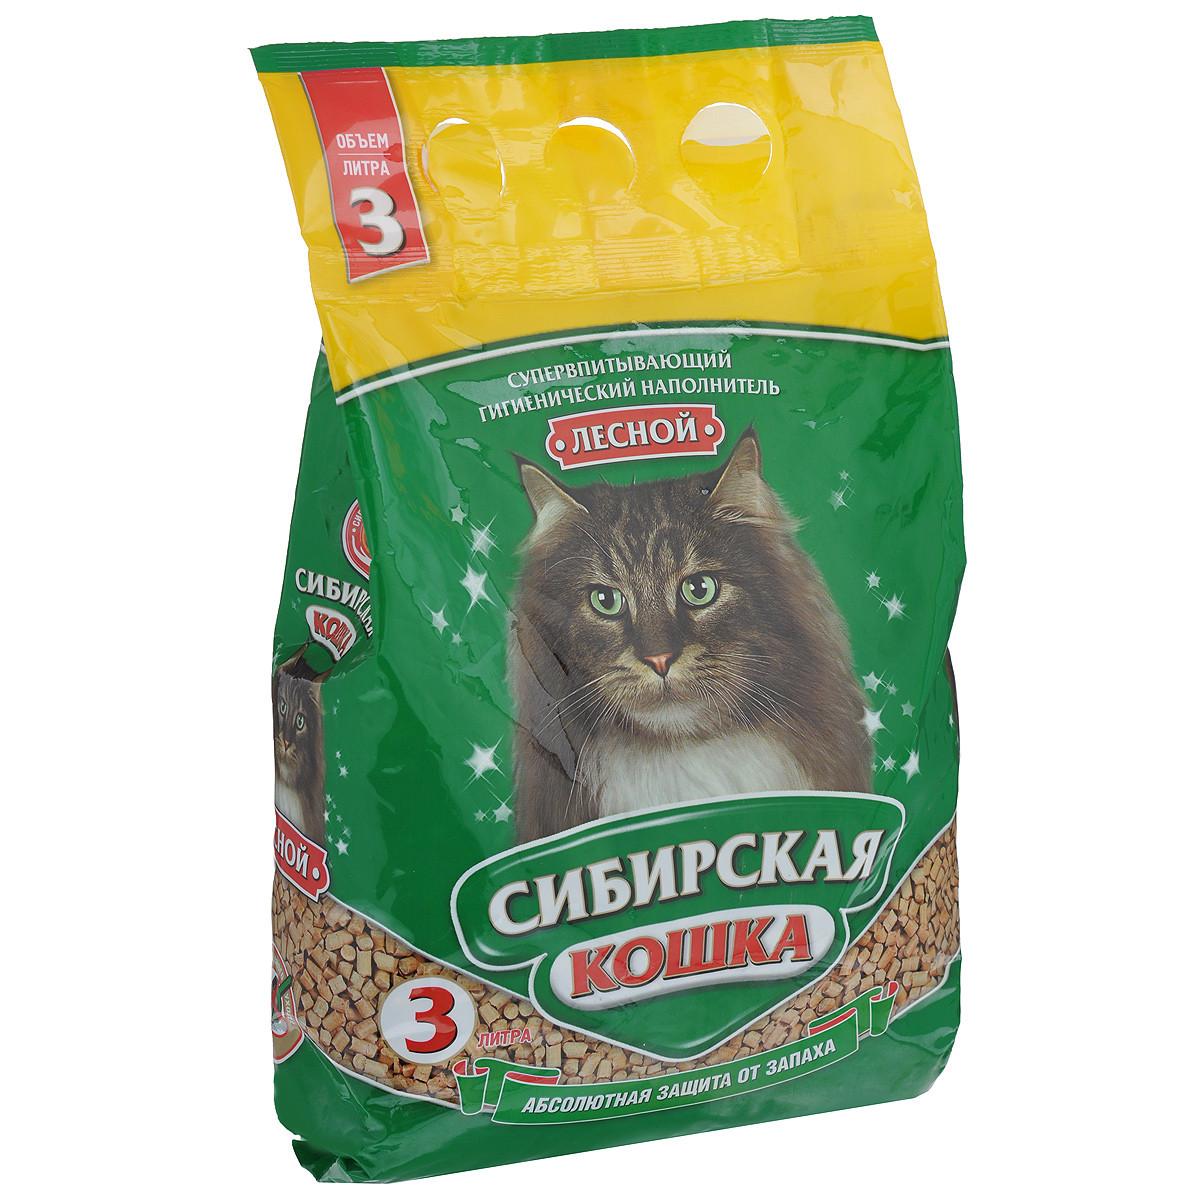 Сибирская кошка Древесный наполнитель, 7 л